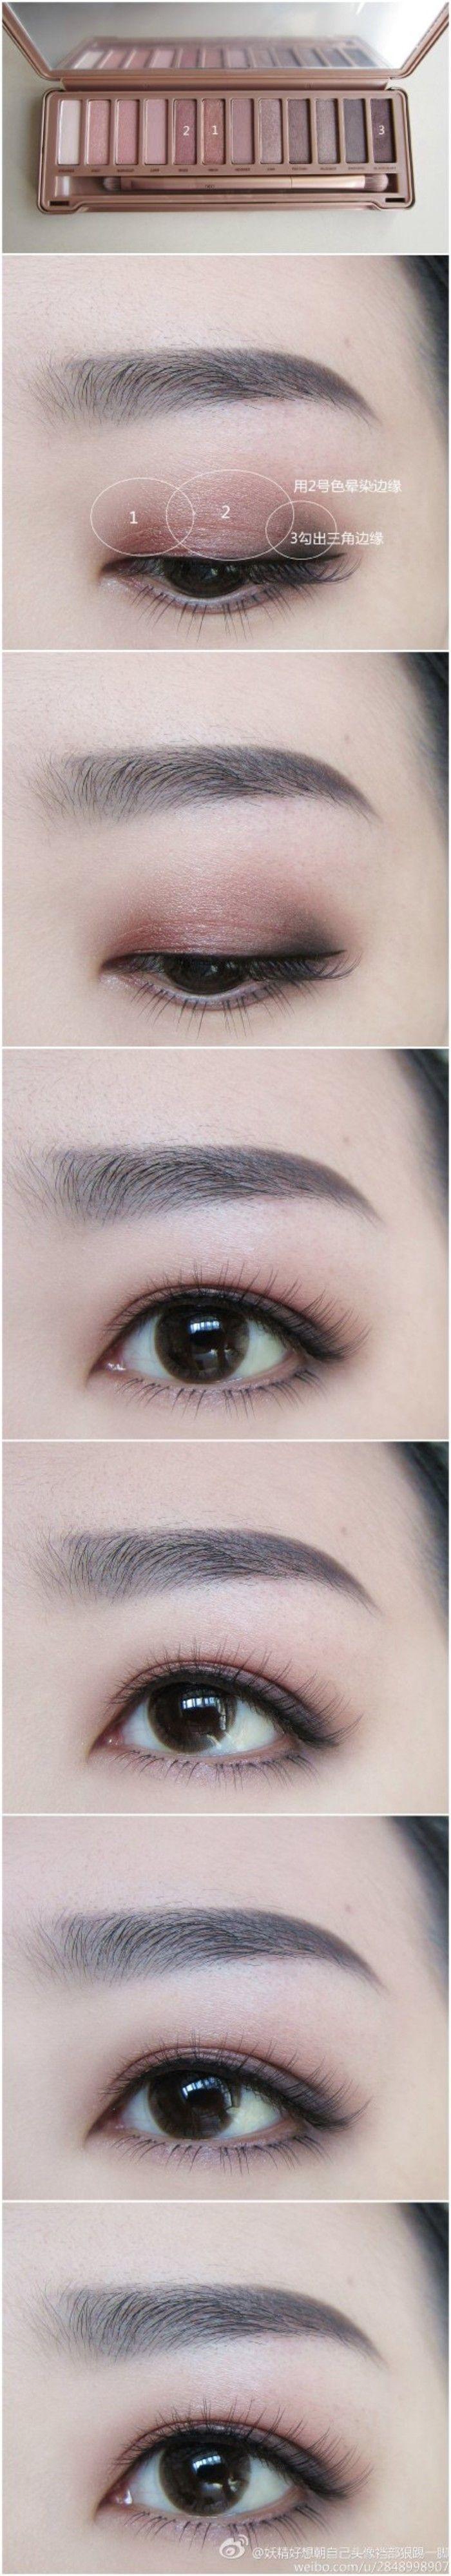 asian make up #makeup #tutorial